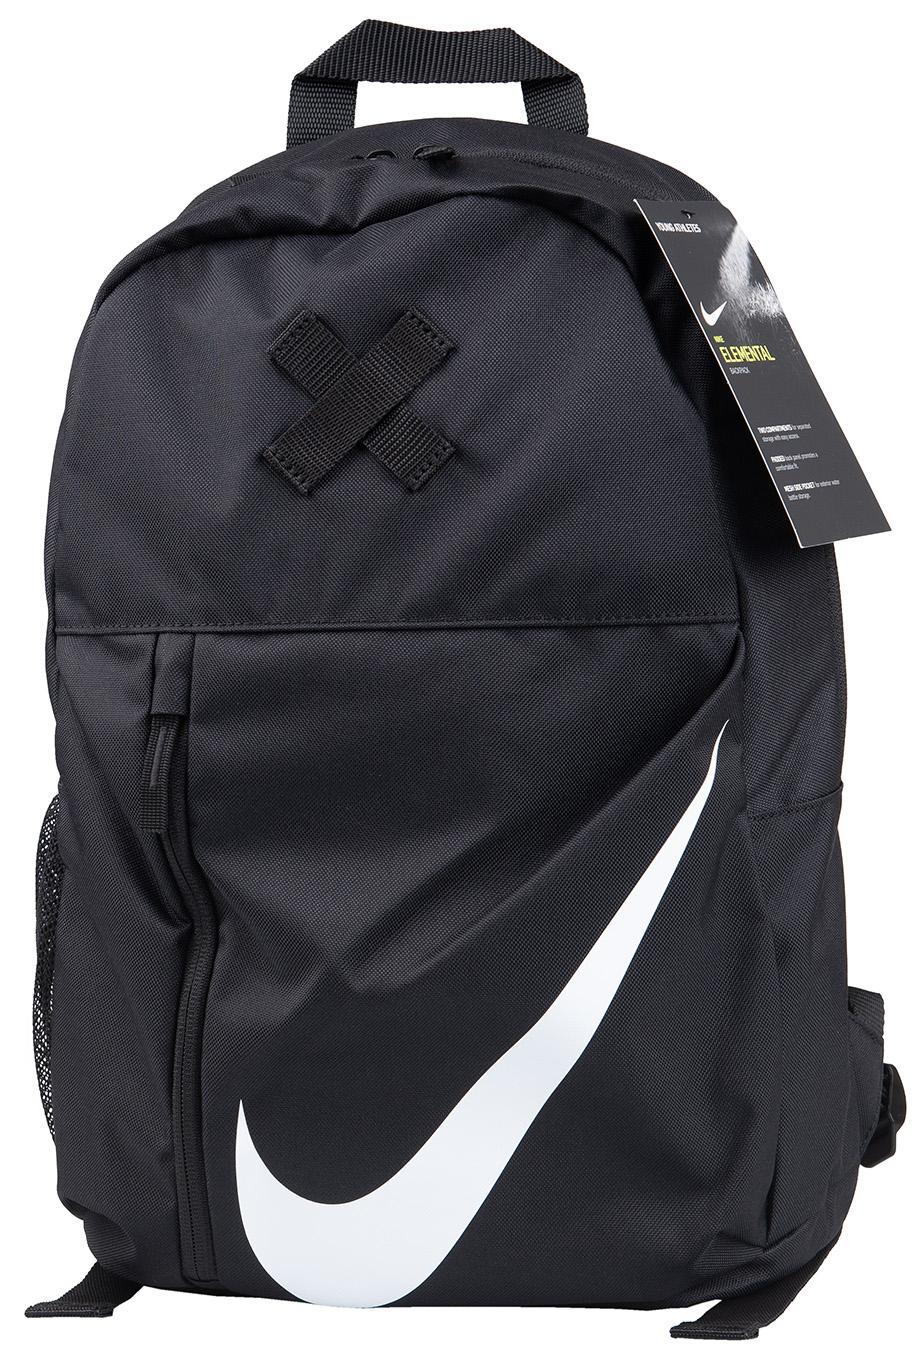 Jak wybrać plecaki sportowe?